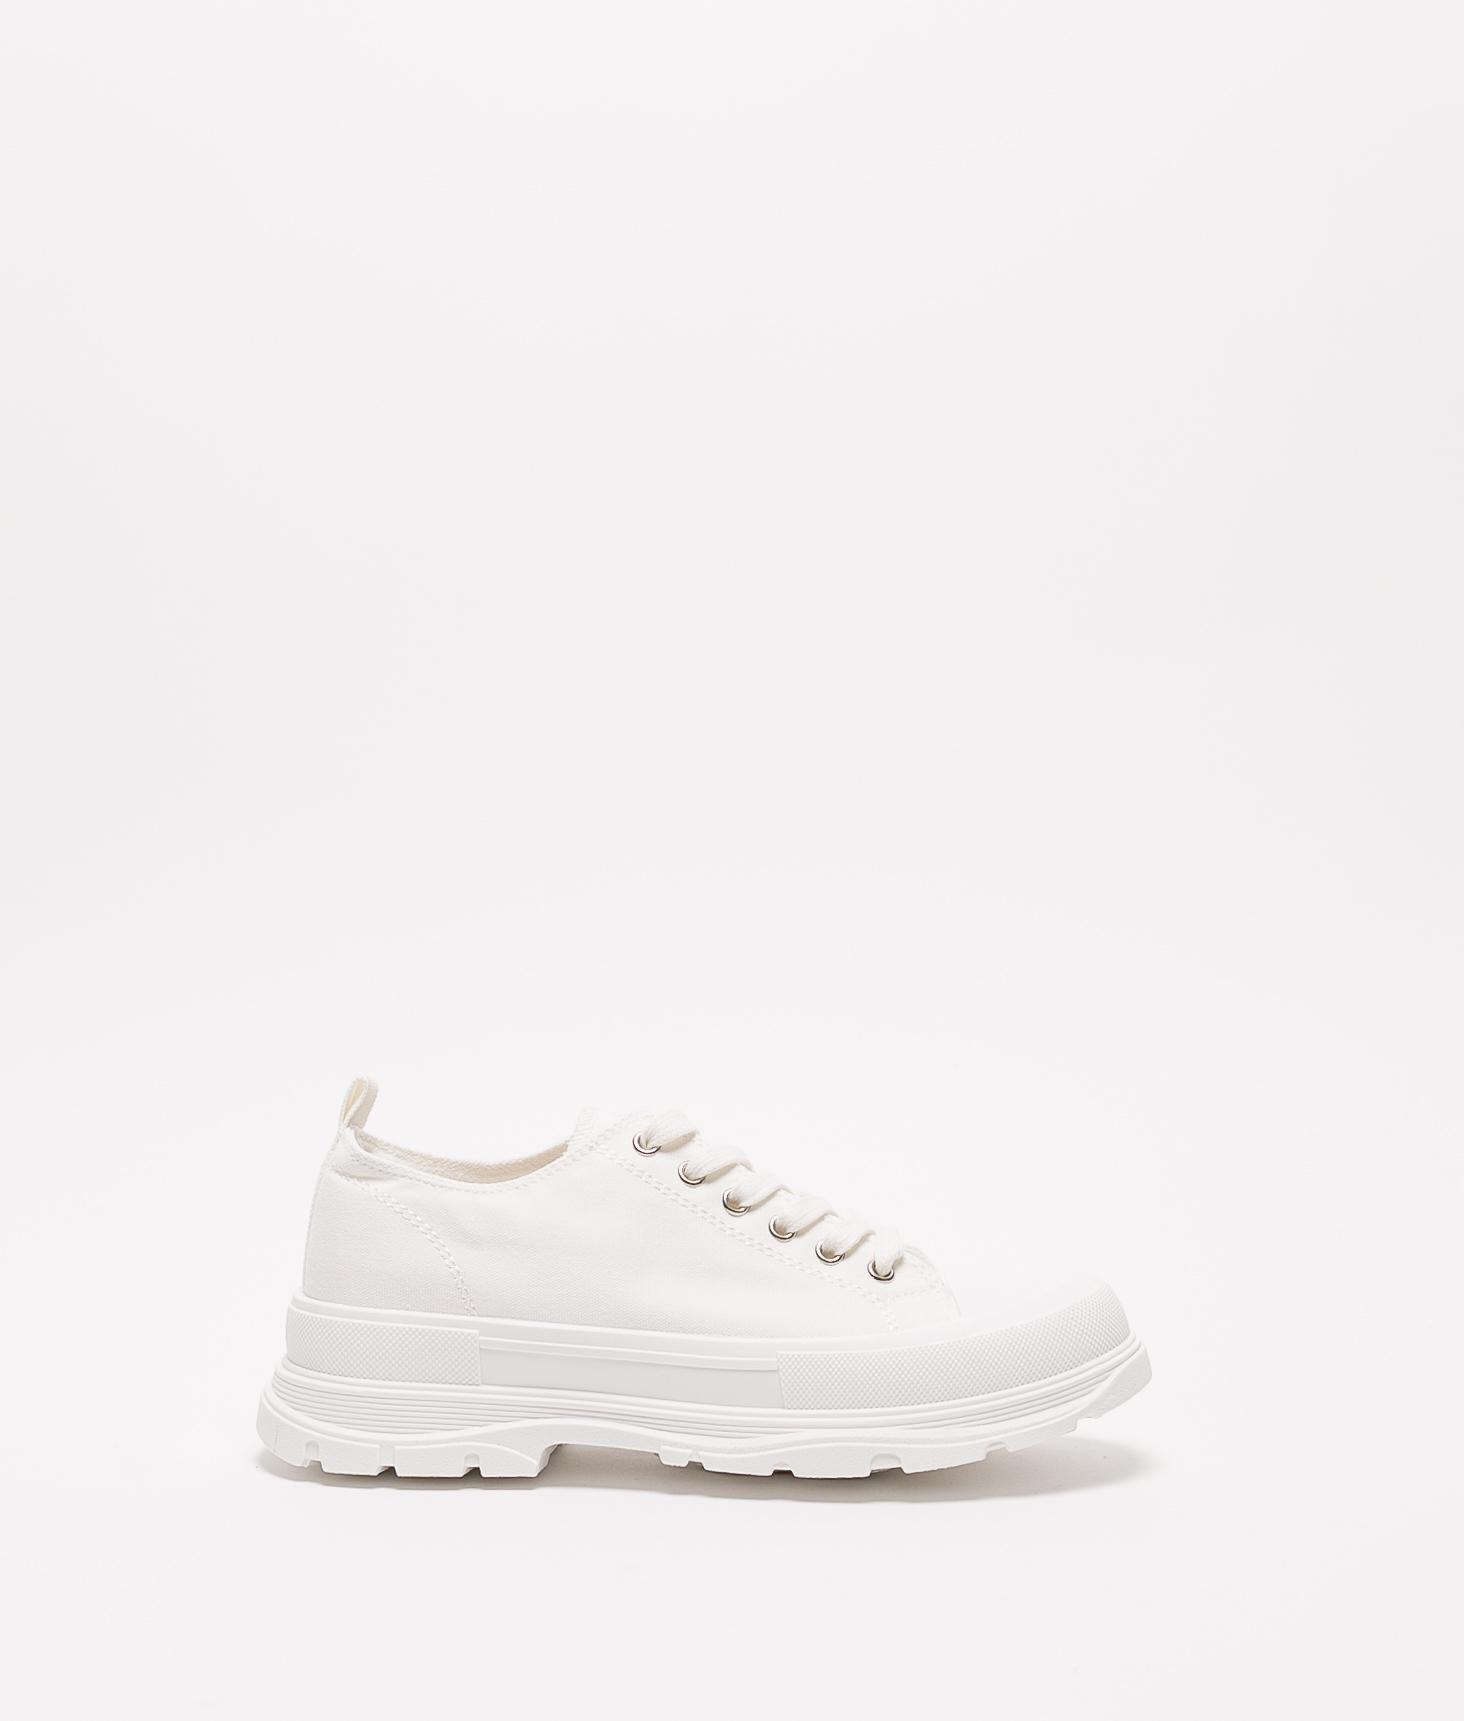 Sneakers Kele - Blanco